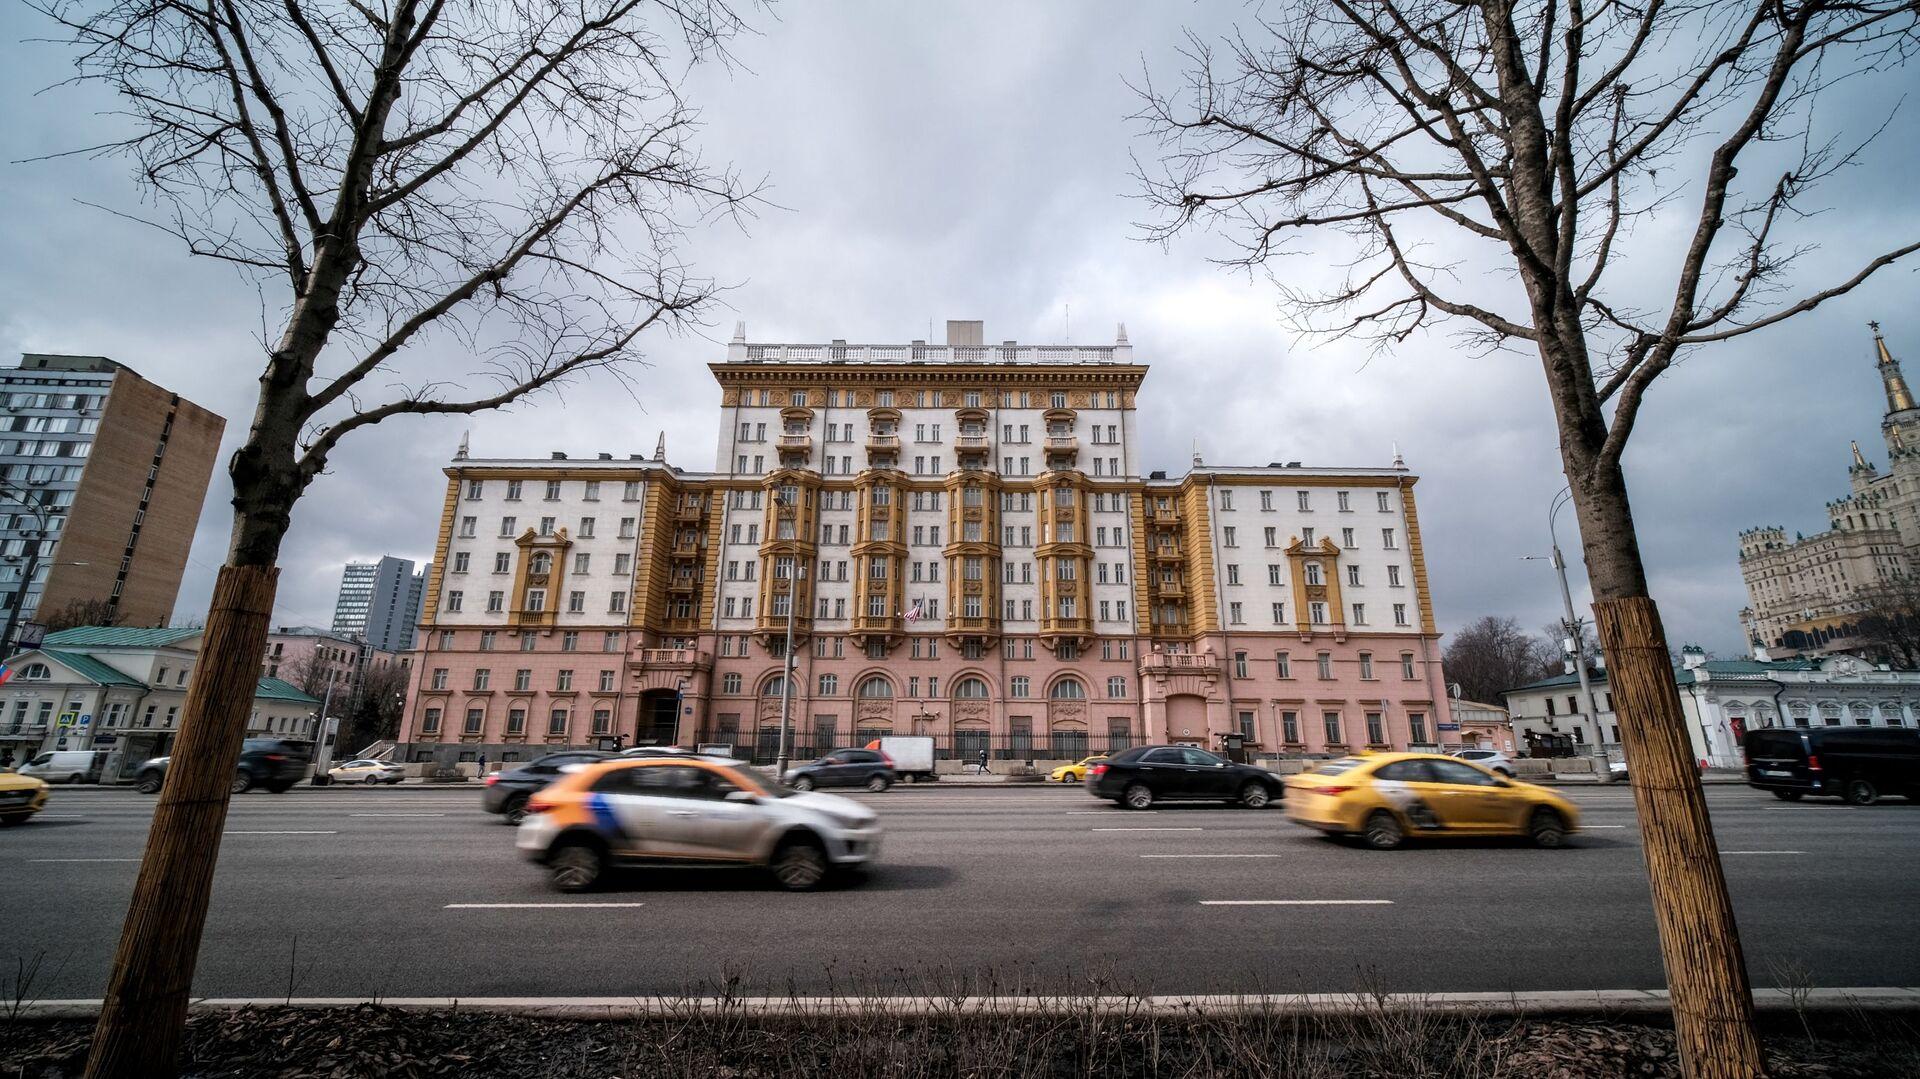 Здание посольства США в Москве, фото из архива - Sputnik Azərbaycan, 1920, 08.10.2021